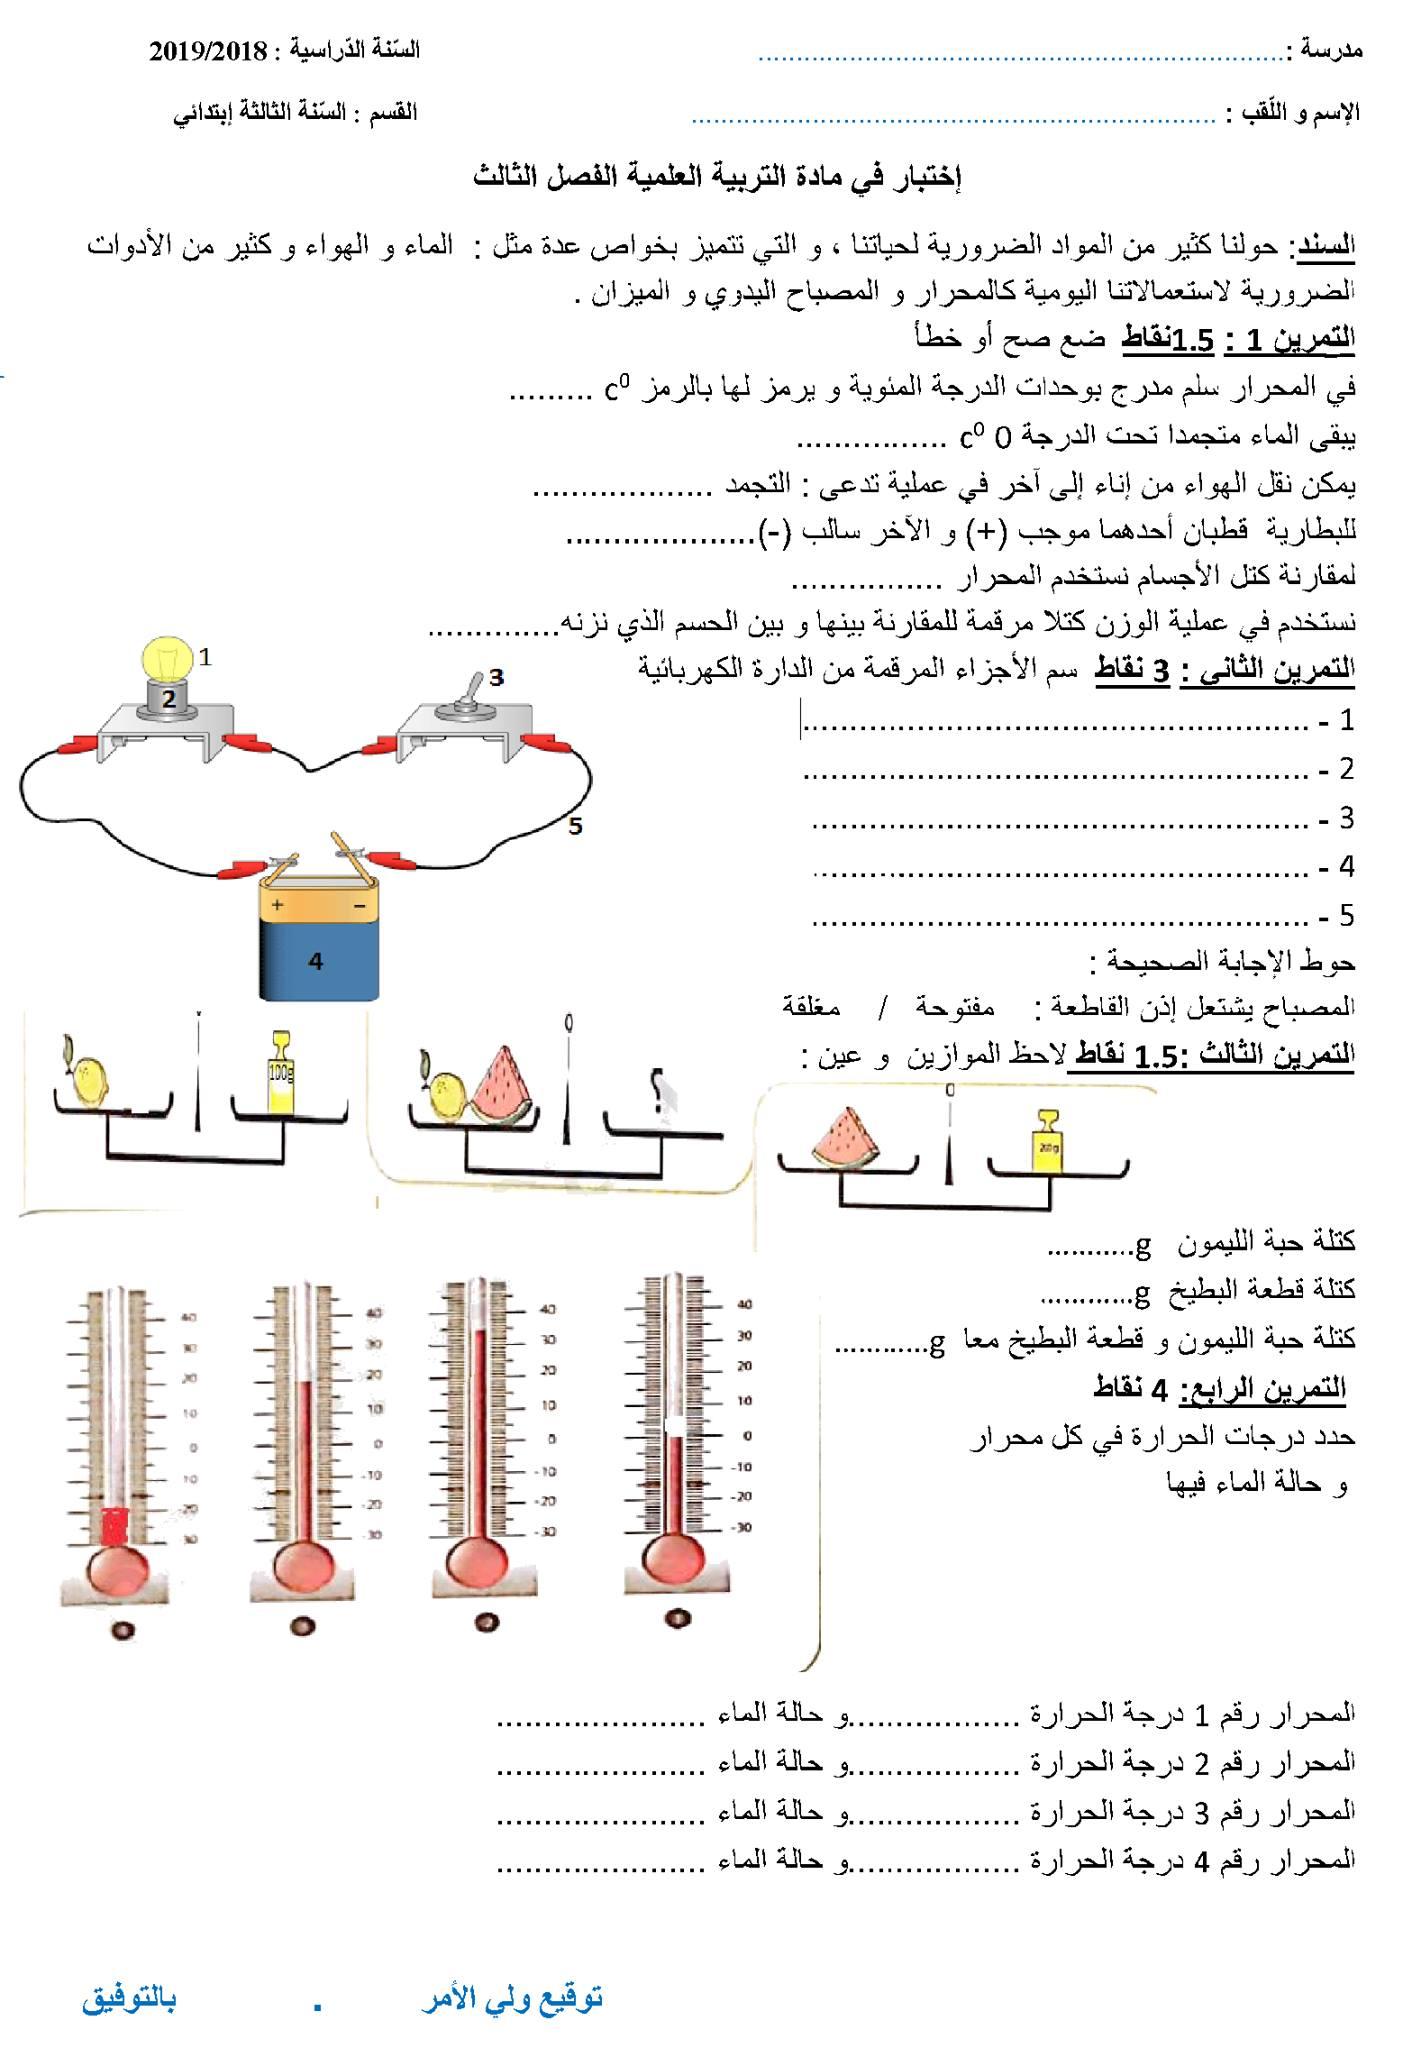 اختبار الفصل الثالث في التربية العلمية   السنة الثالثة ابتدائي   الموضوع 01